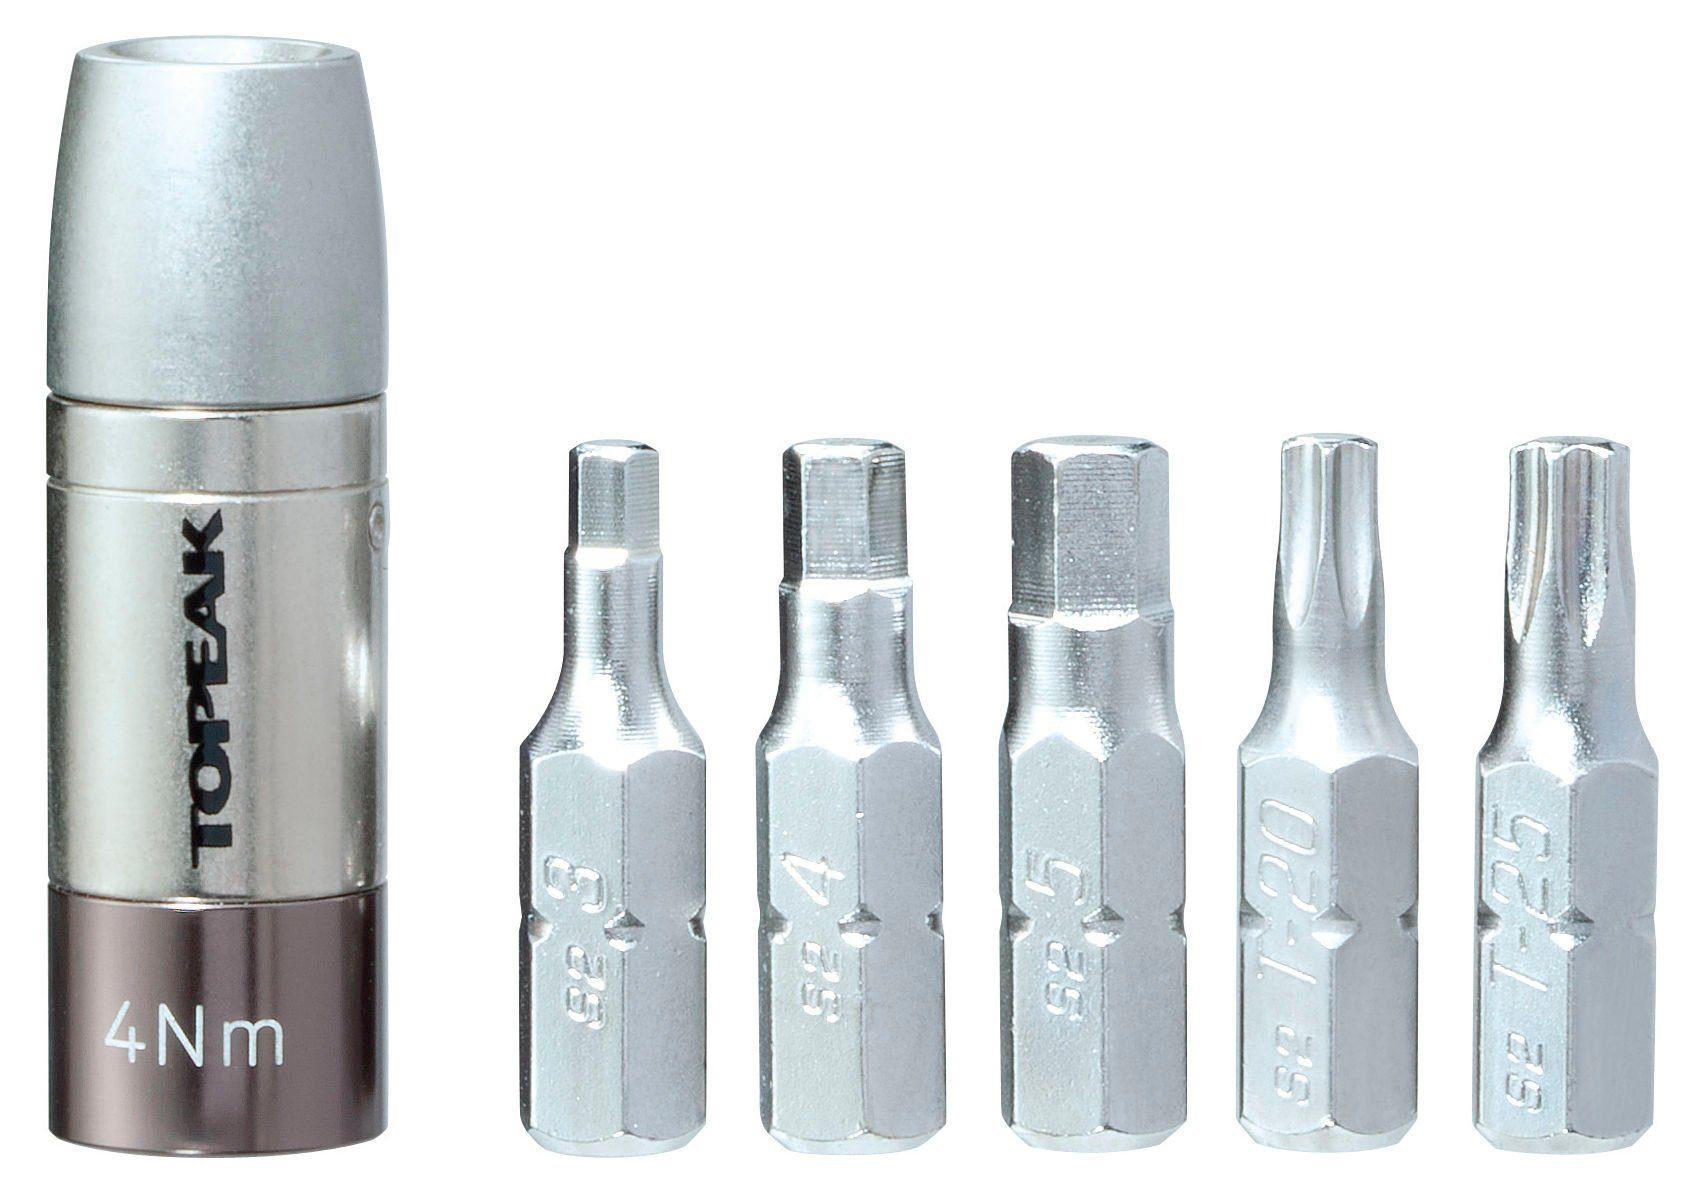 Topeak Werkzeug & Montage »Topeak Nano TorqBox 4 Drehmomenthülse«